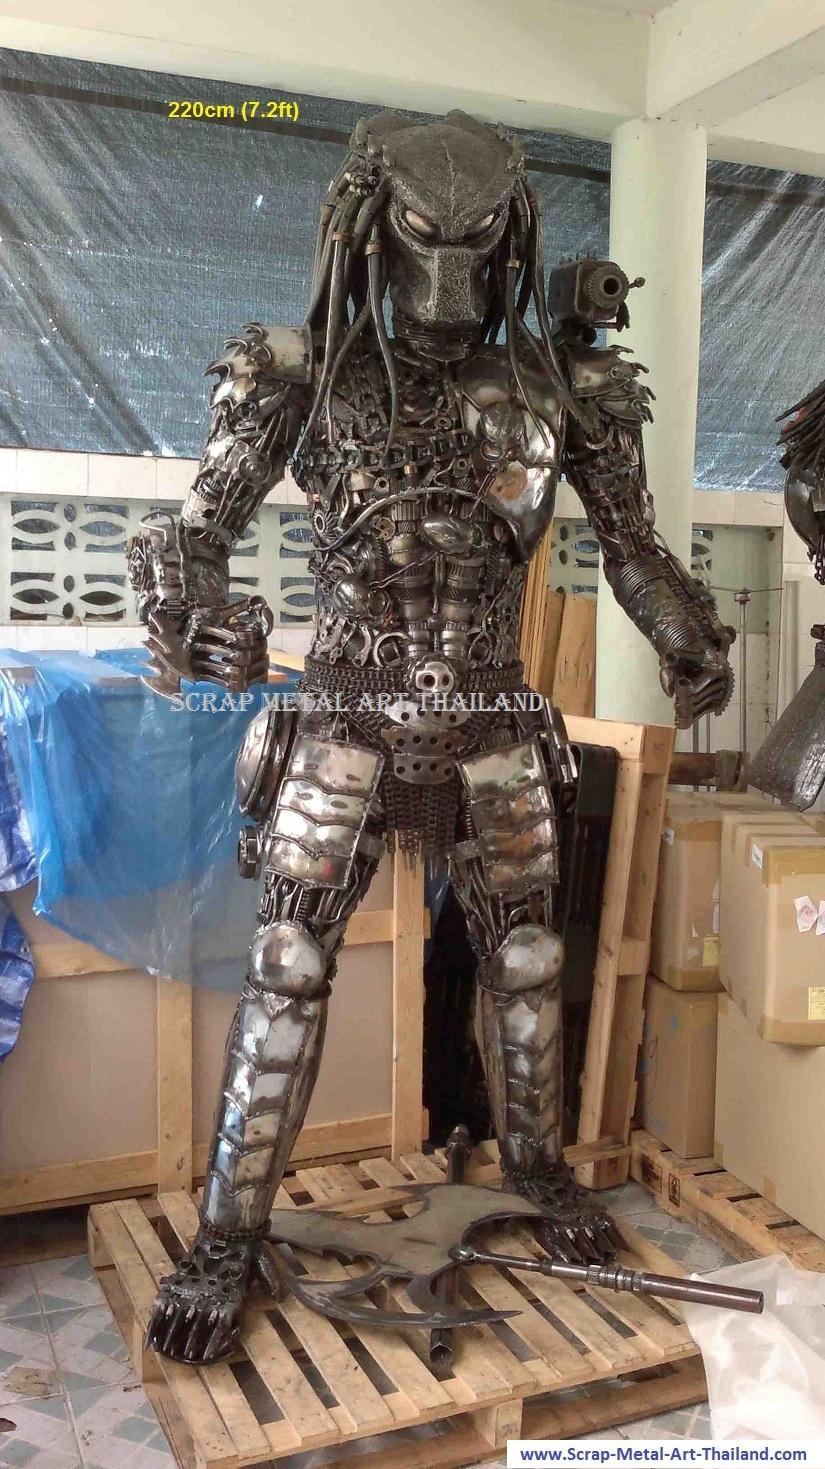 Predator prop Figure Life Size Metal Statue Sculpture for sale